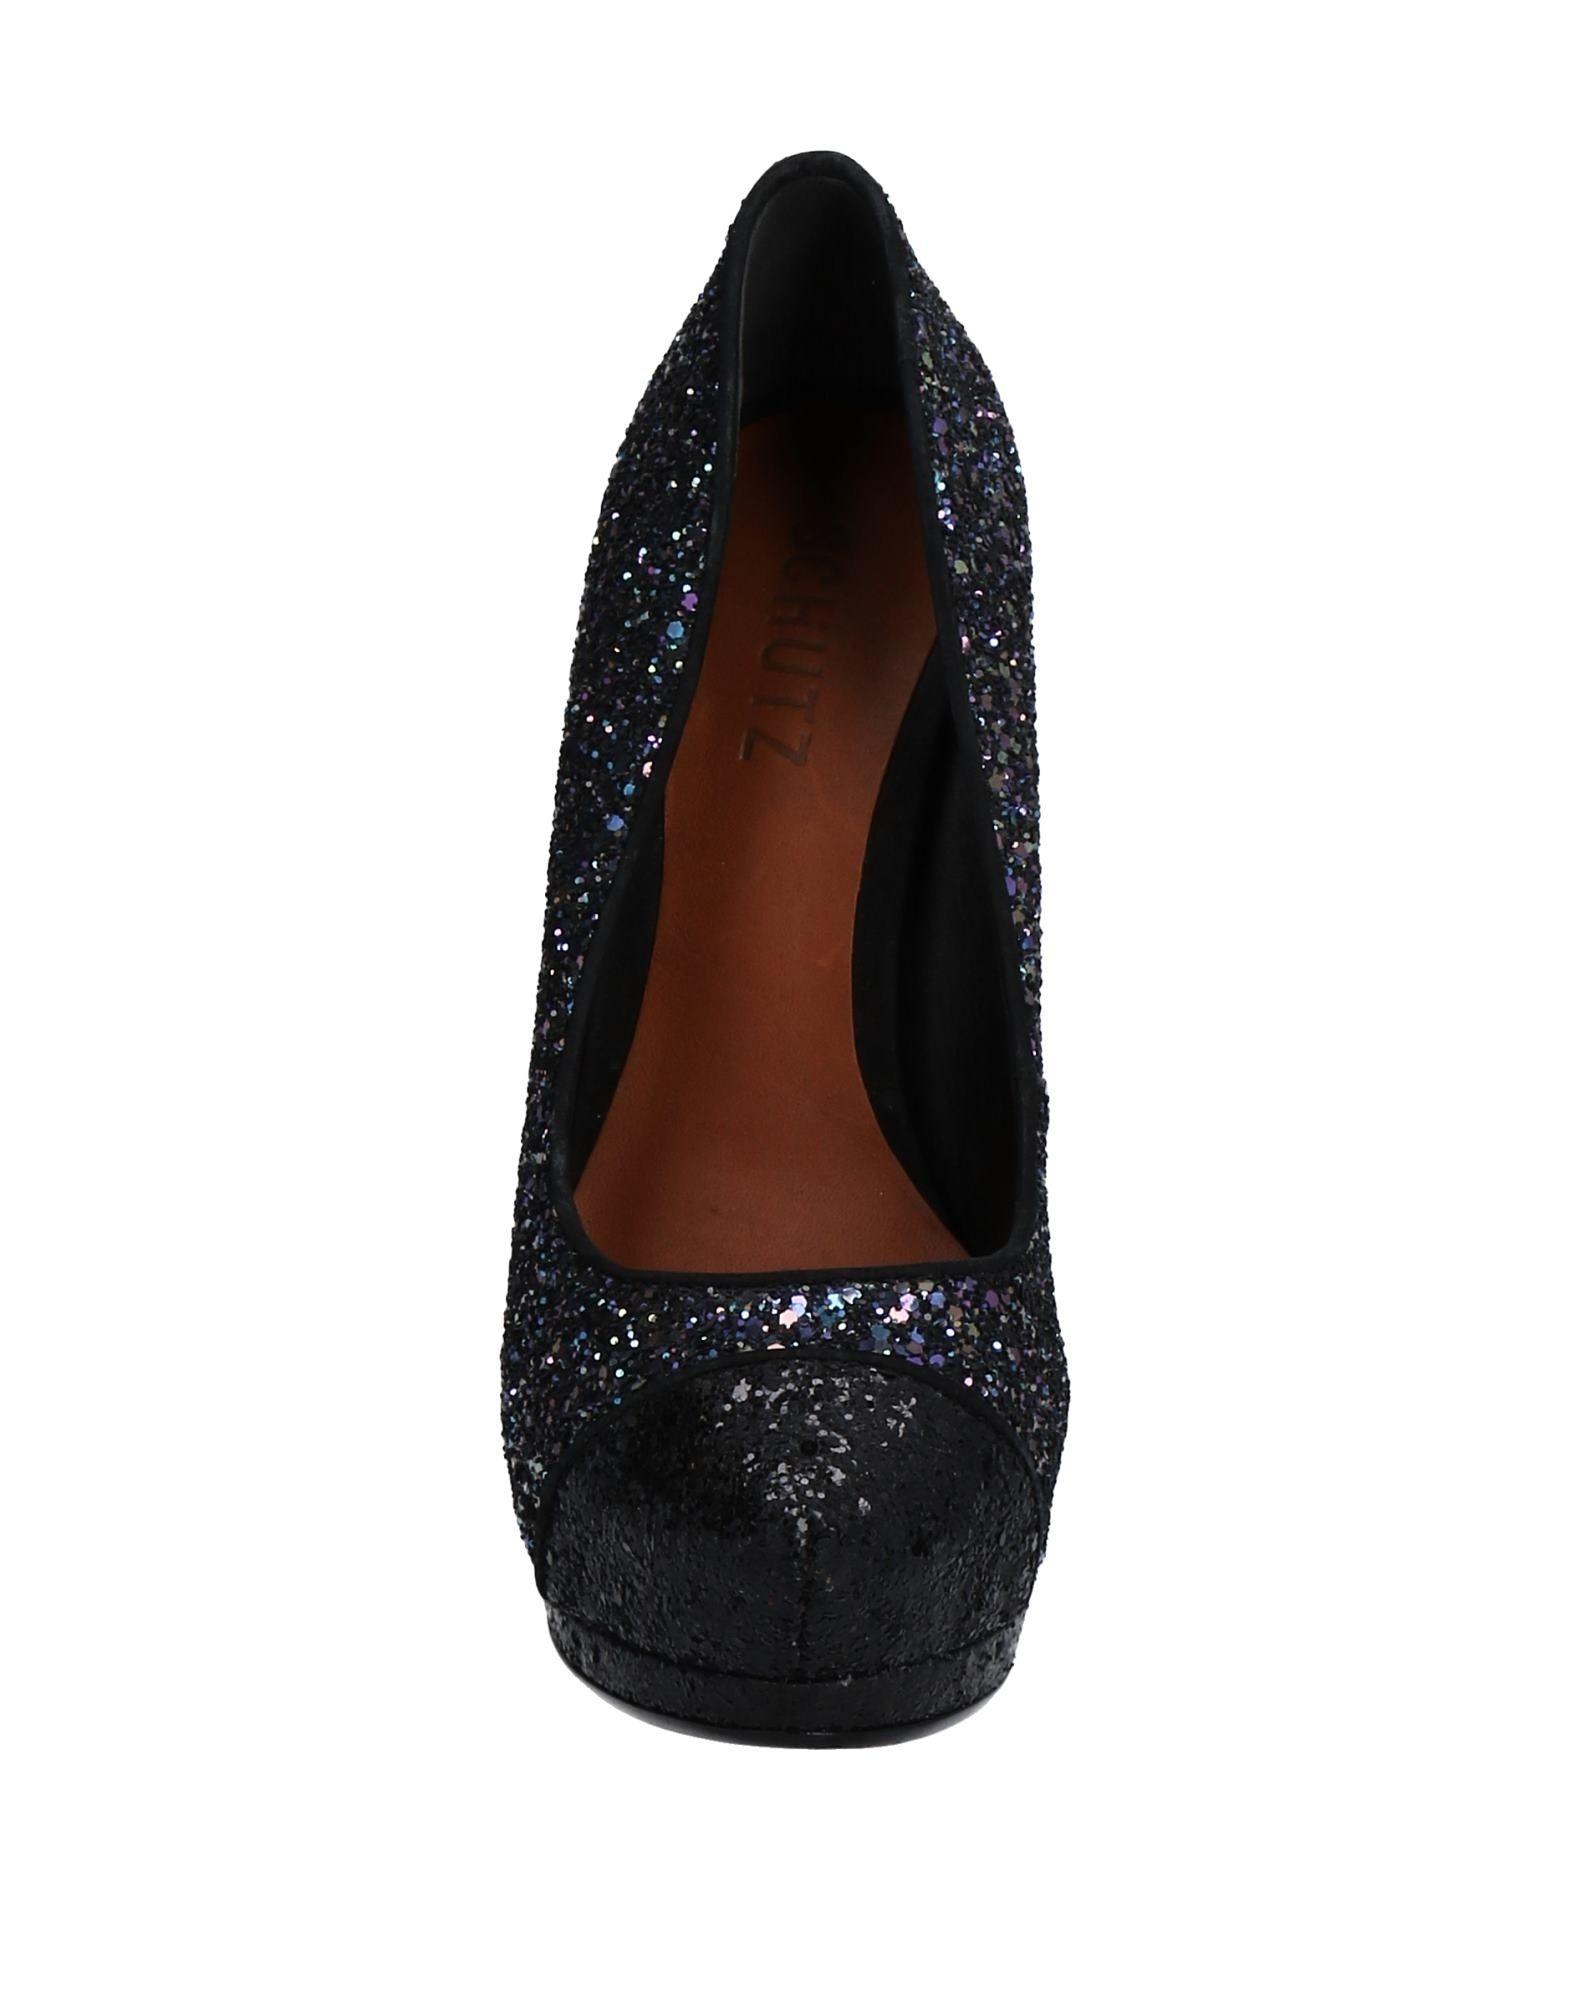 Schutz Pumps Damen beliebte  11527456KM Gute Qualität beliebte Damen Schuhe 7095fb